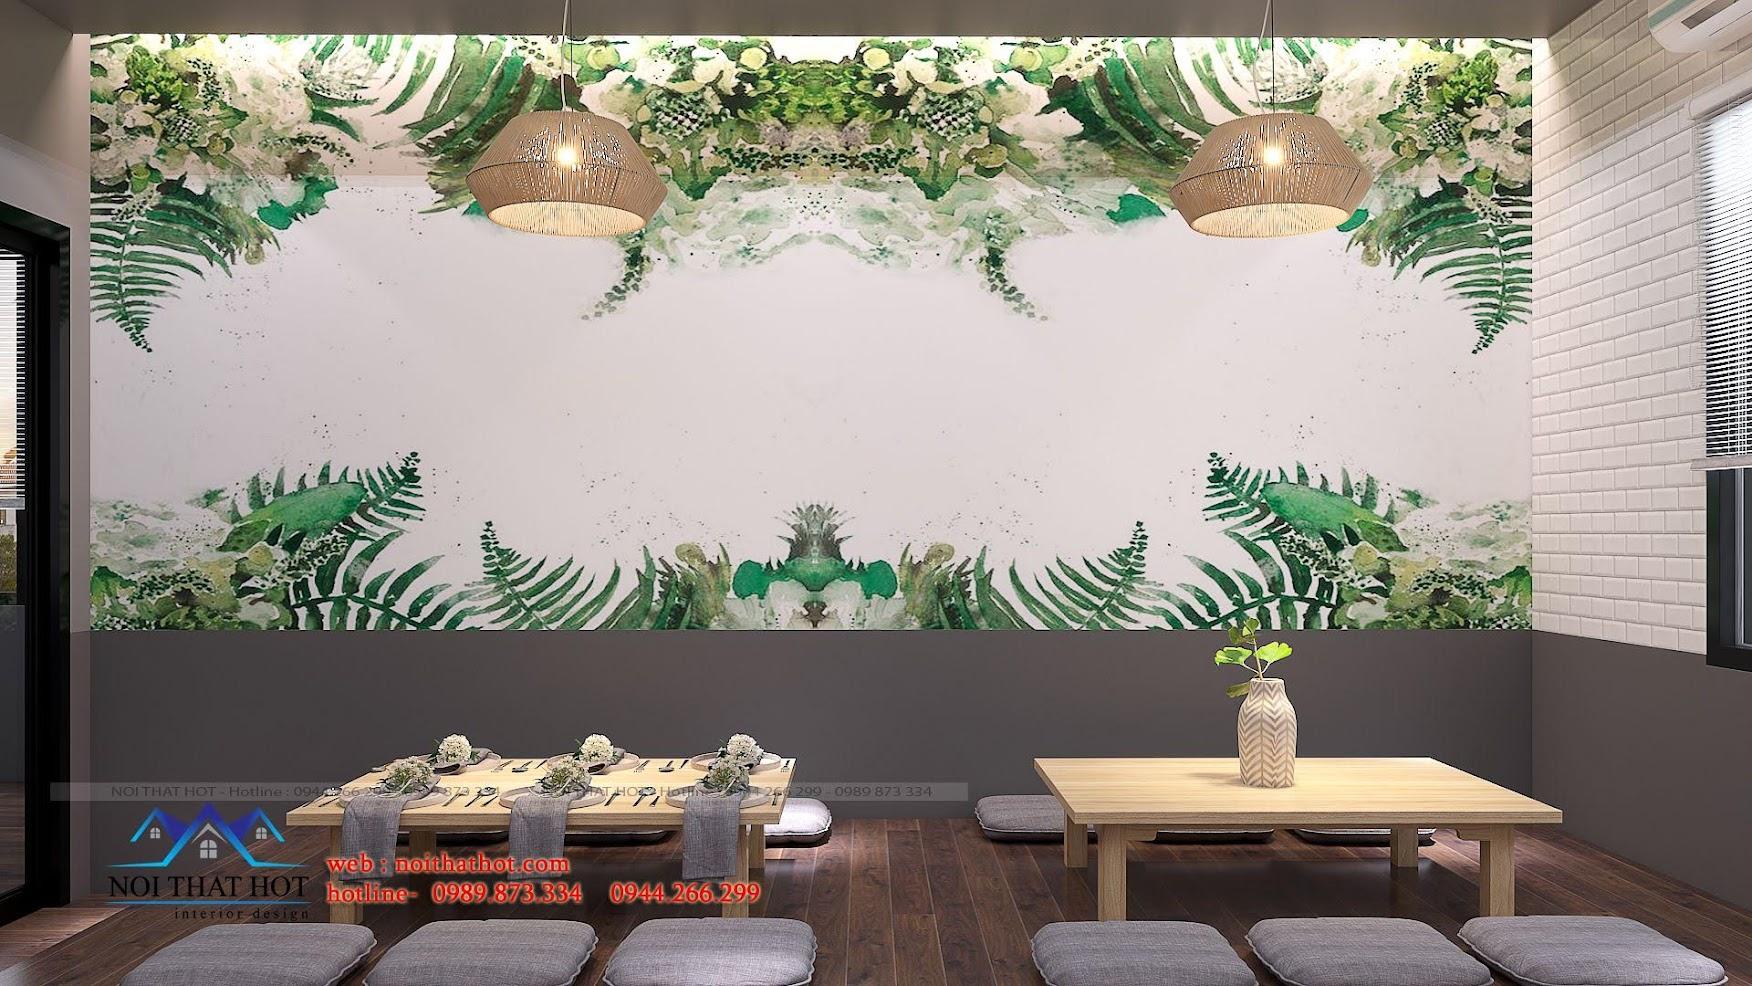 thiết kế nhà hàng trường giang 19